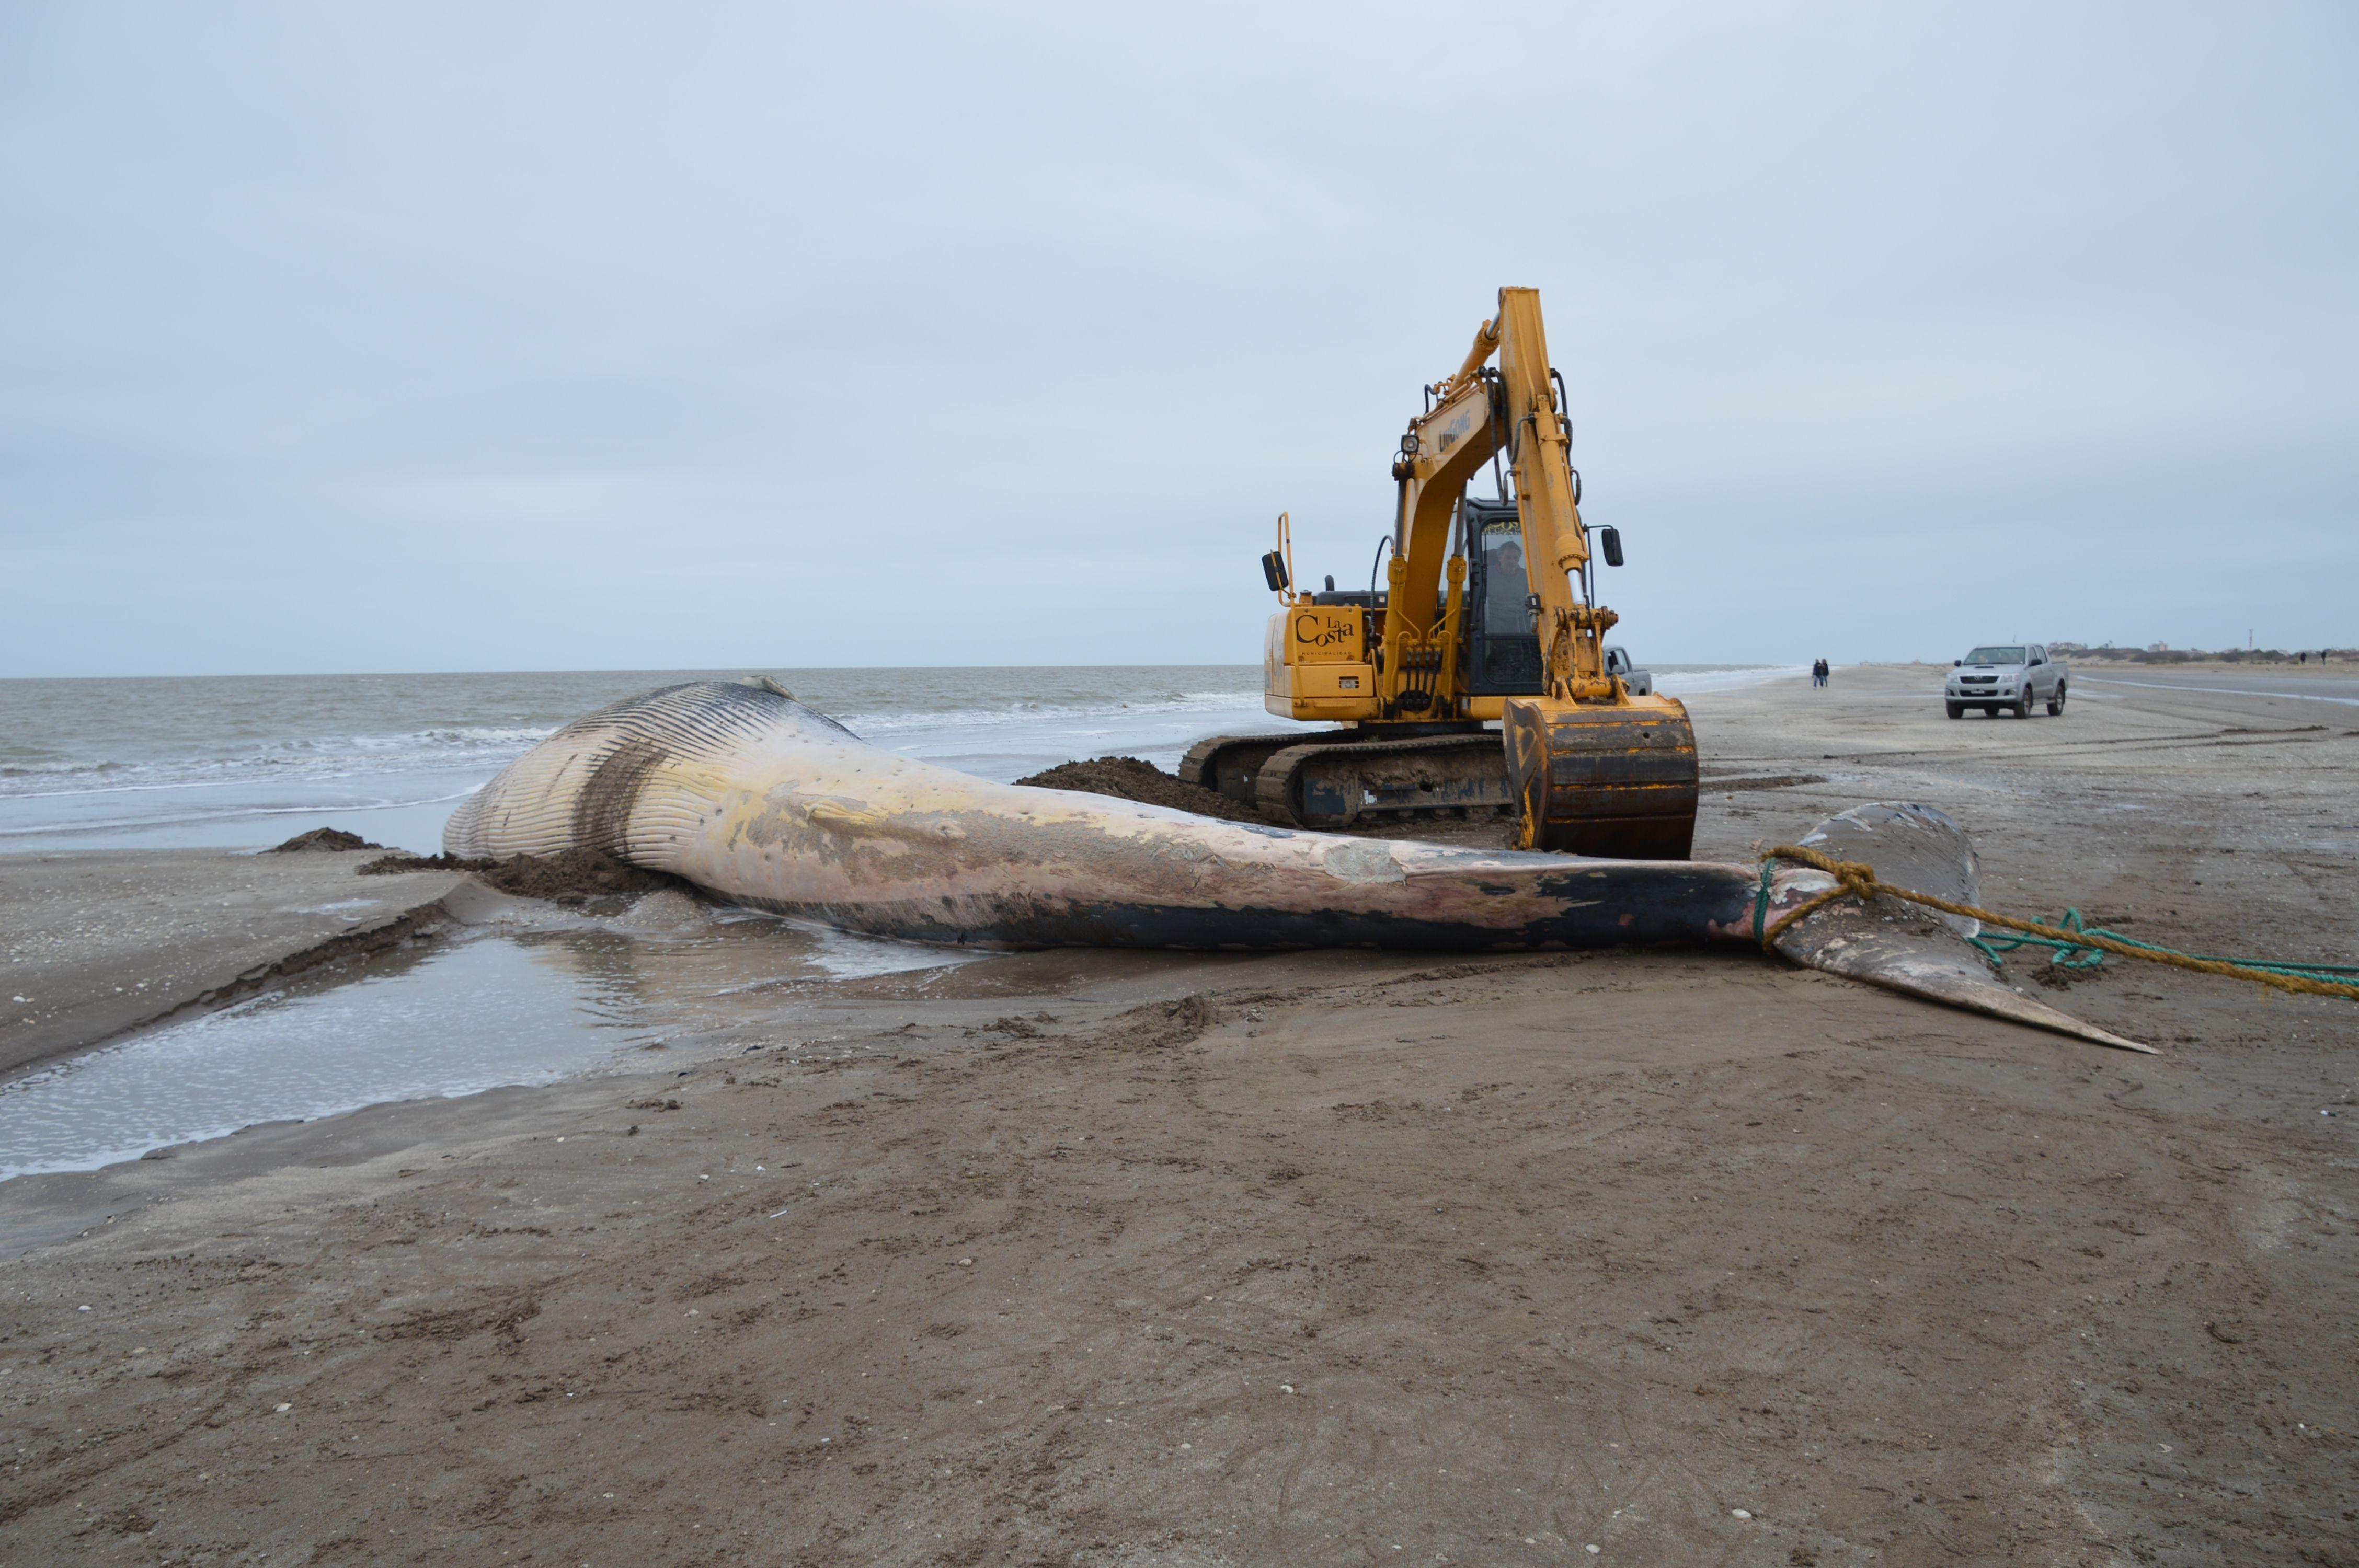 Hallaron muerta una ballena de 16 metros en San Clemente